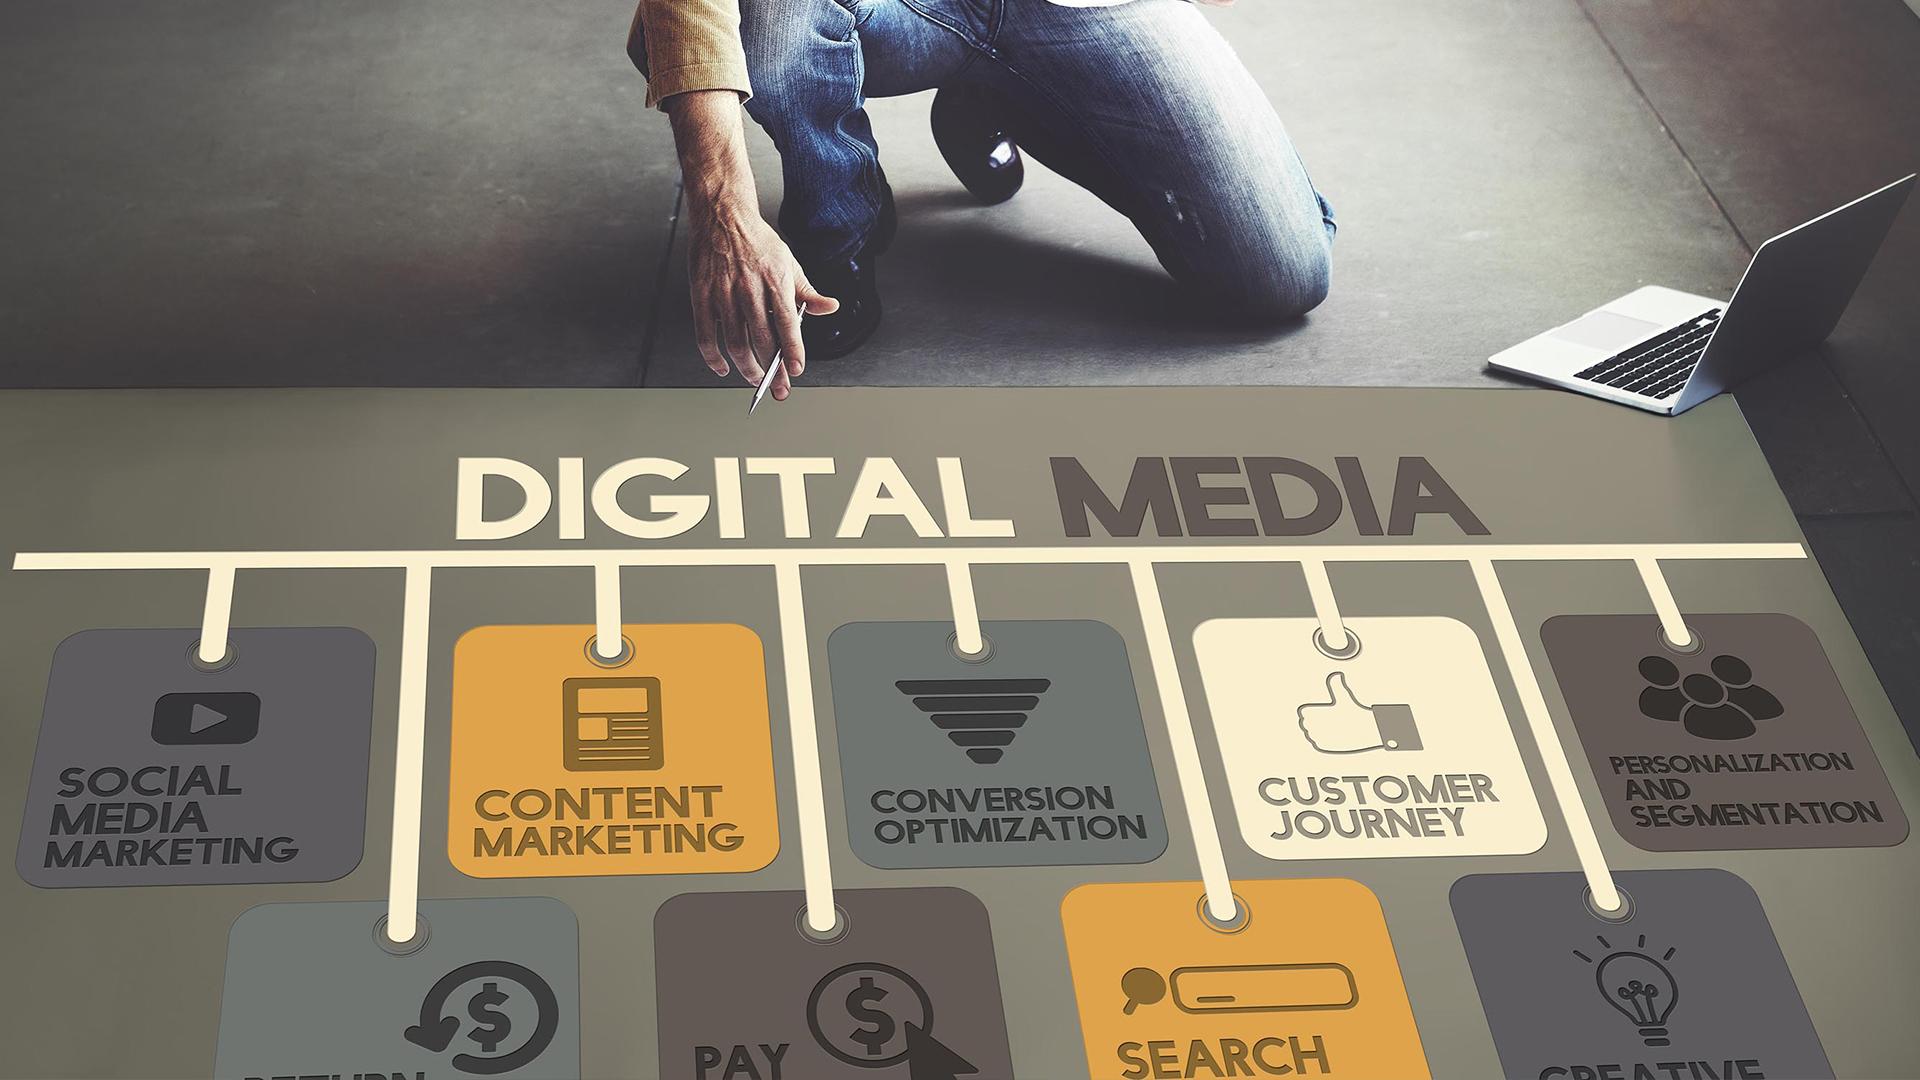 Otellere Dijital Tavsiyeler